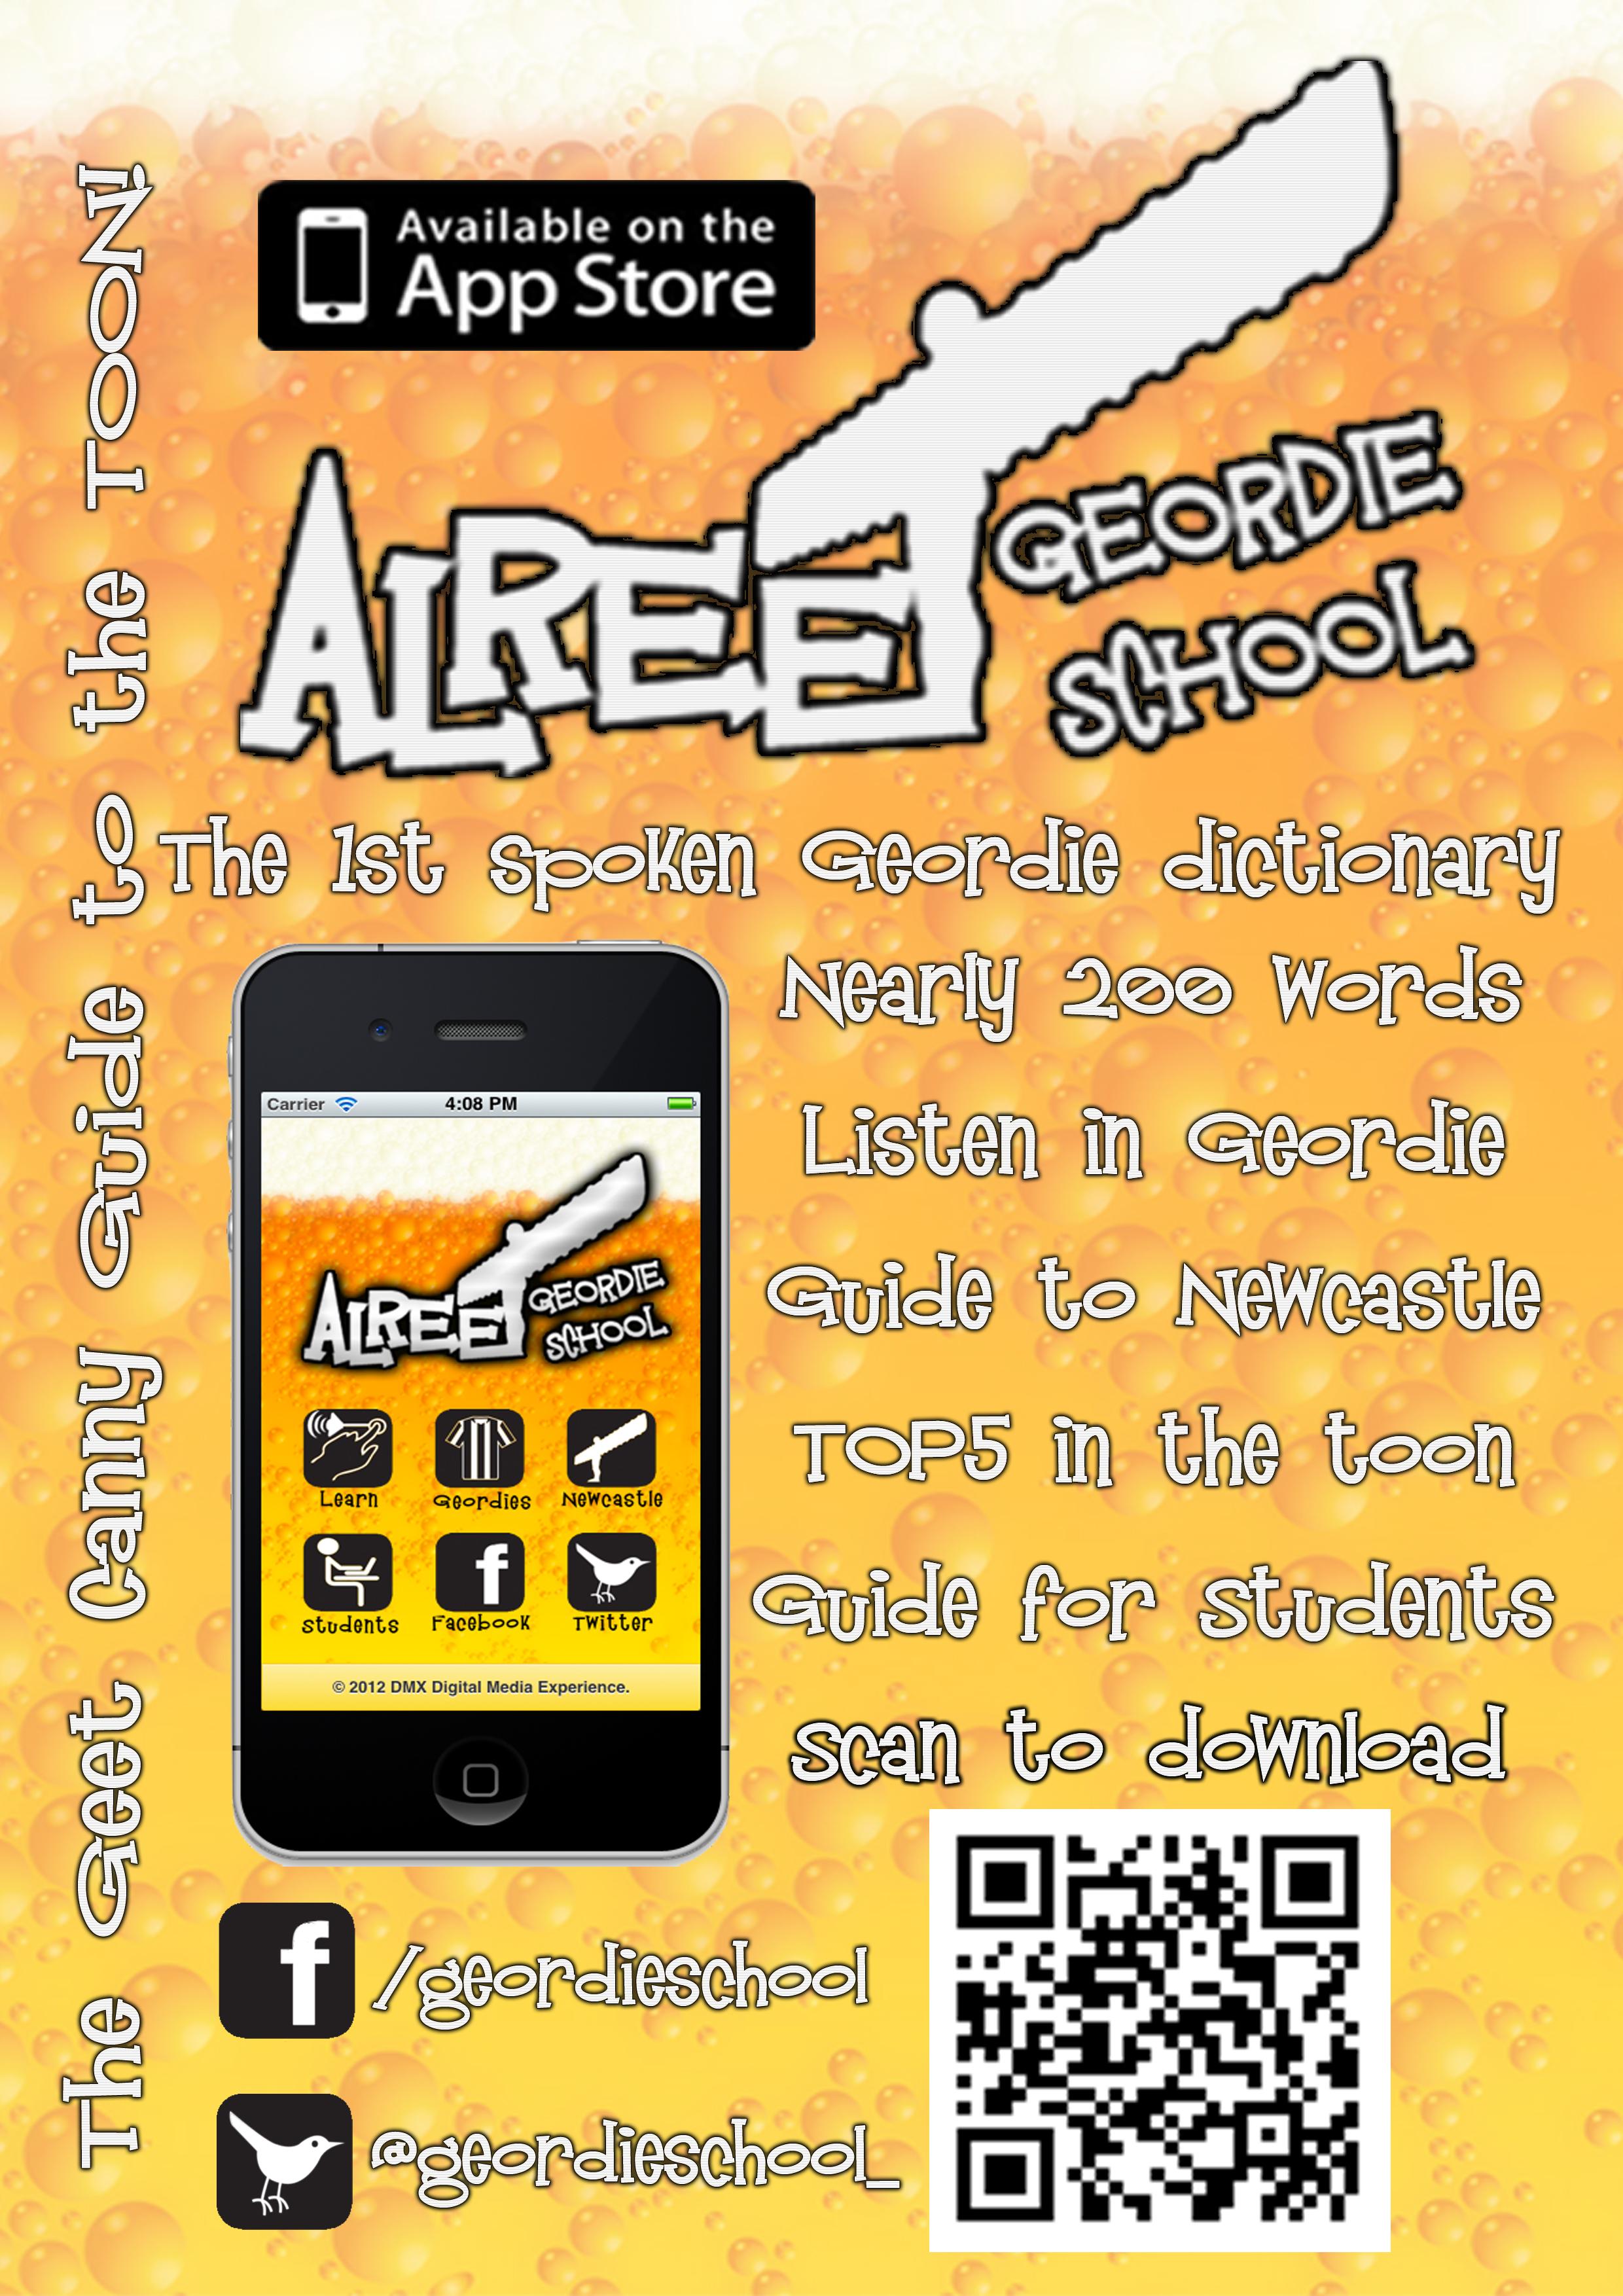 Alreet Geordie School Poster